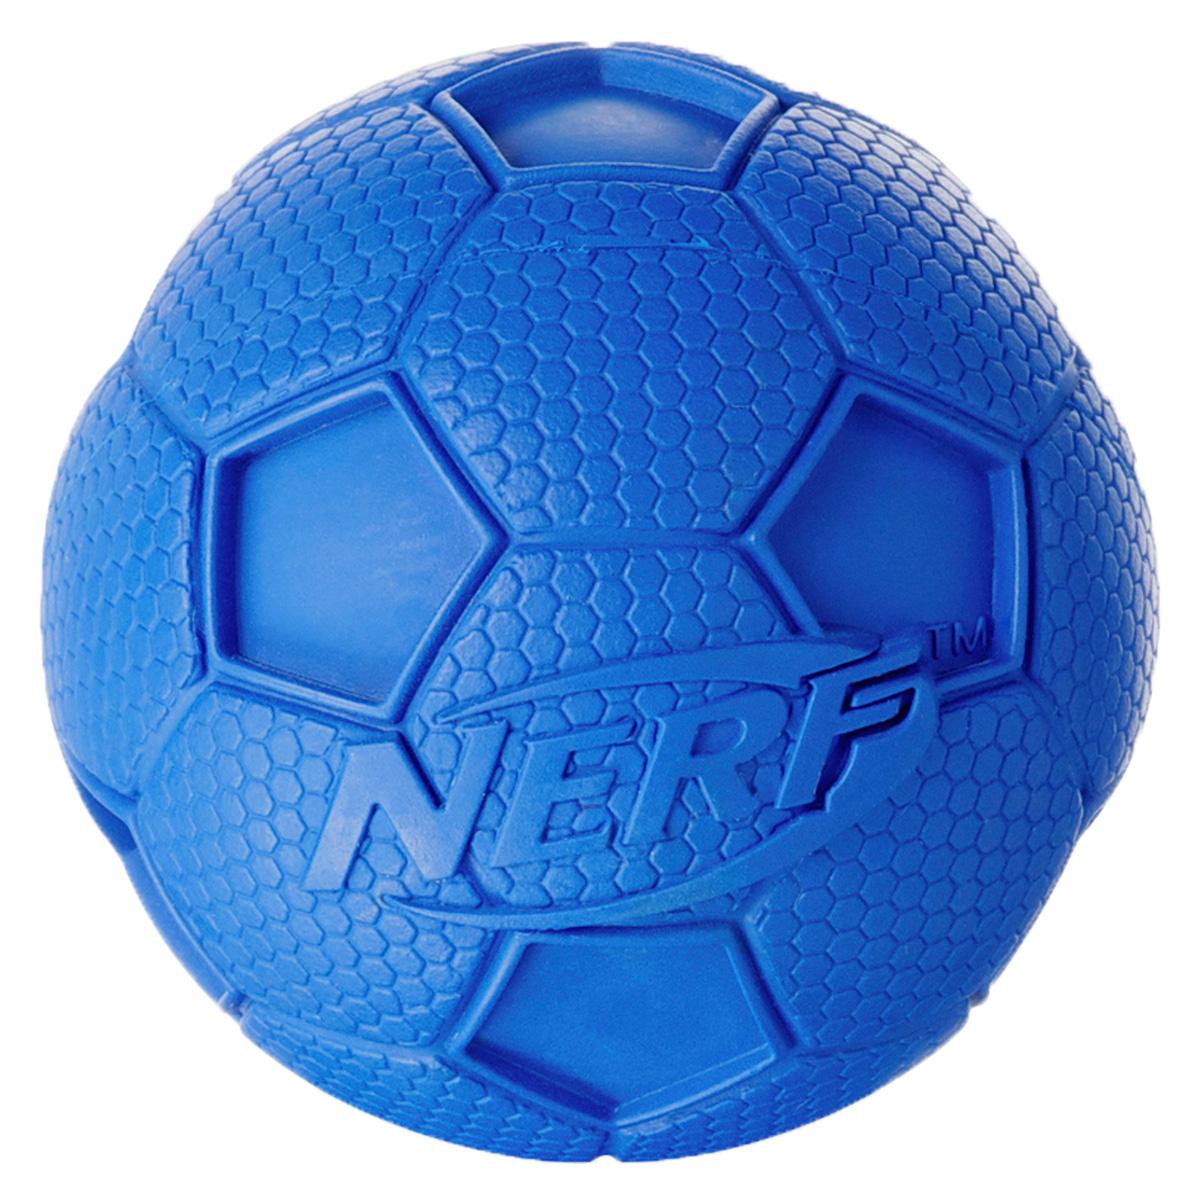 Игрушка для собак Nerf Мяч футбольный, с пищалкой, цвет: голубой, 8 см22194Мяч Nerf выполнен из сверхпрочной резины. Оптимален для игры с собакой дома и на свежем воздухе.Подходит собакам с самой мощной челюстью!Высококачественные прочные материалы, из которых изготовлена игрушка, обеспечивают долговечность использования.Звук мяча дополнительно увлекает собаку игрой.Размер M: 8 см.